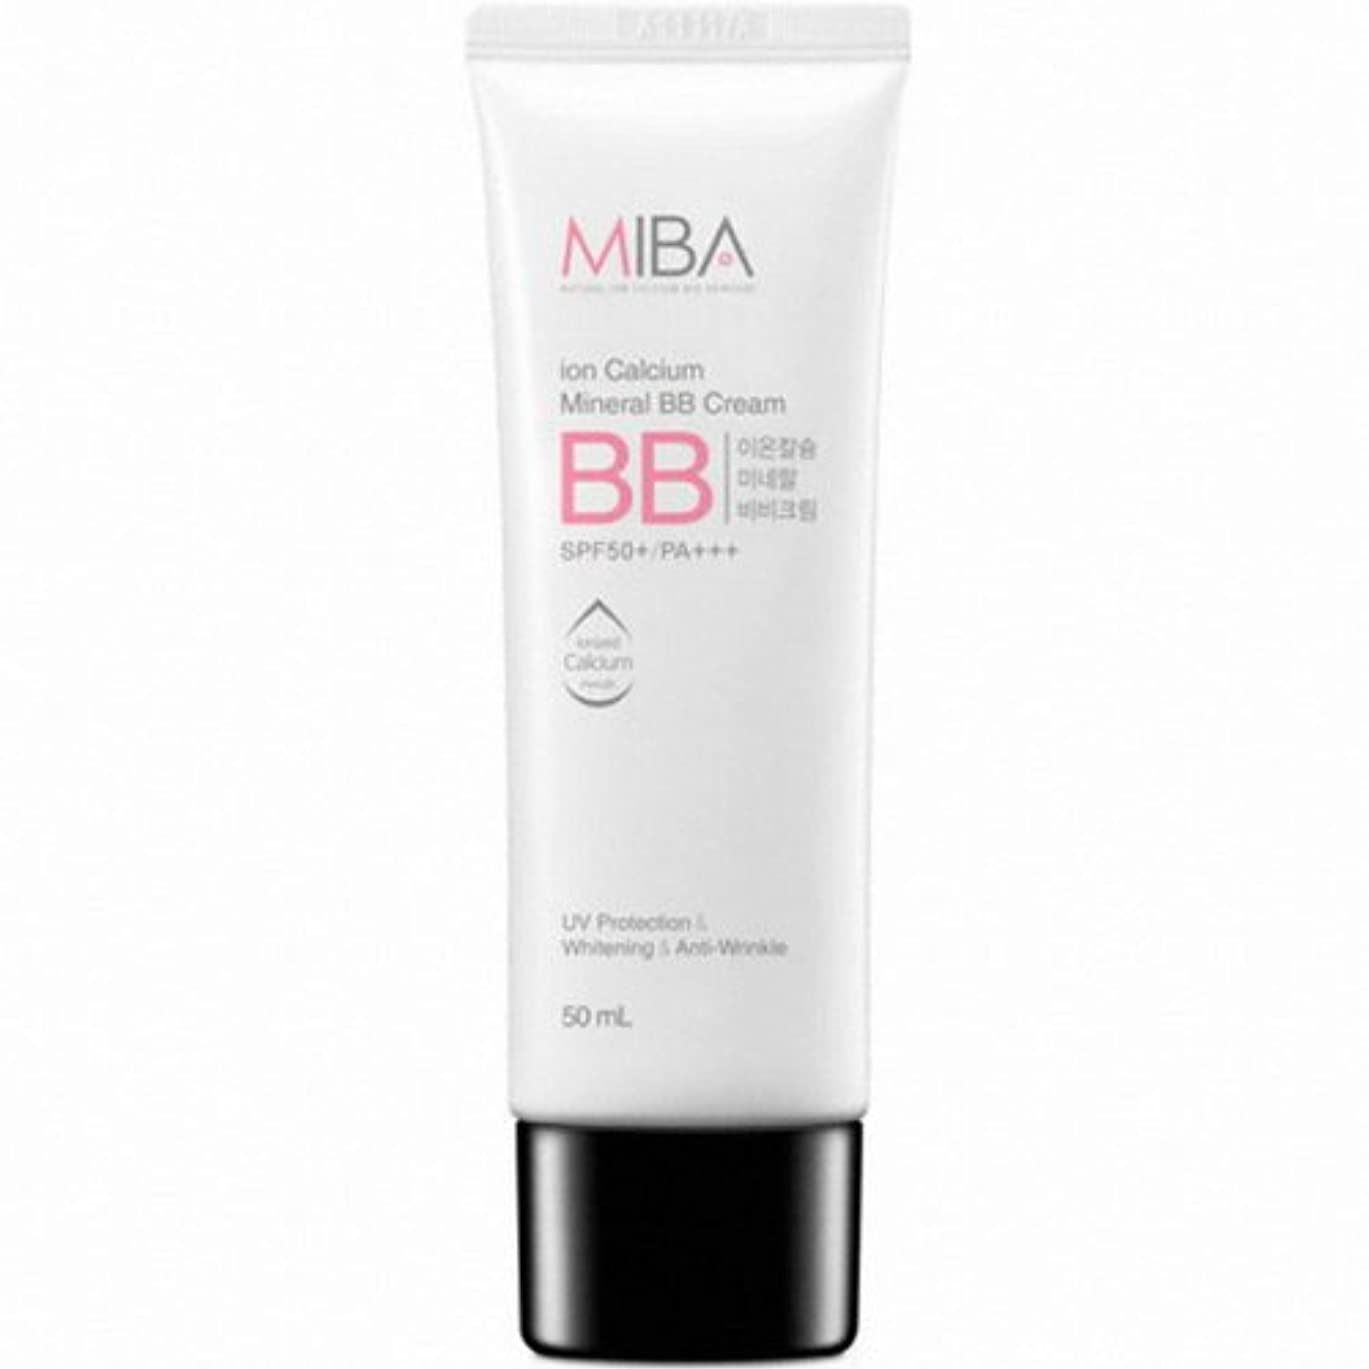 縮約絶えずかすれたMINERALBIO (ミネラルバイオ) ミバ イオン カルシウム ミネラル ビビクリーム / MIBA Ion Calcium Mineral BB Cream (50ml) [並行輸入品]